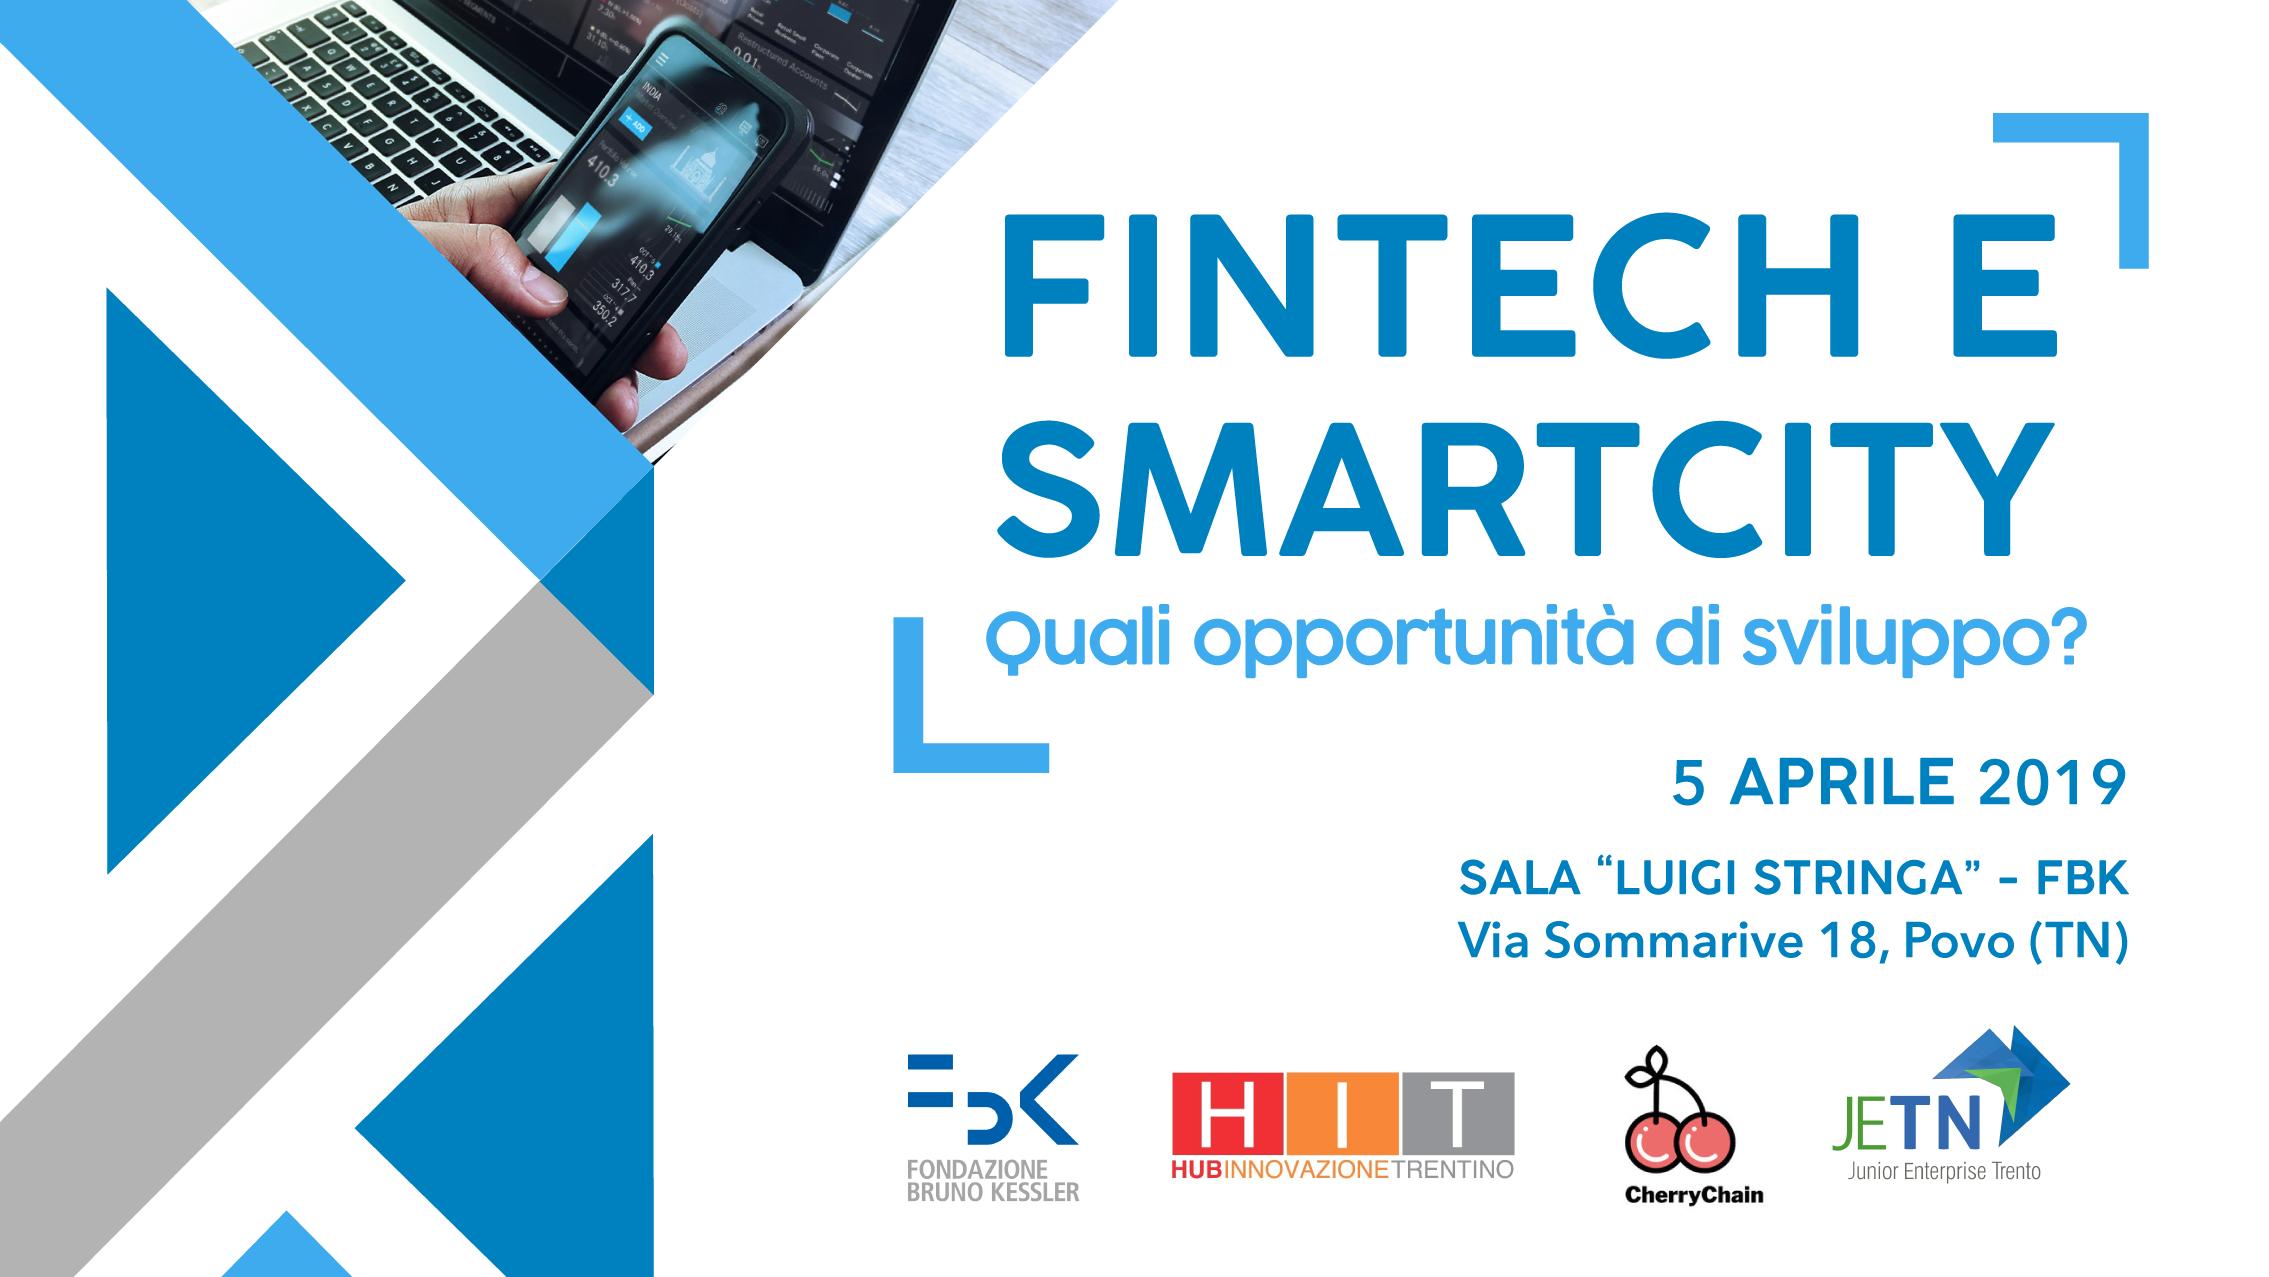 Fintech e Smart City a confronto per nuove opportunità di sviluppo